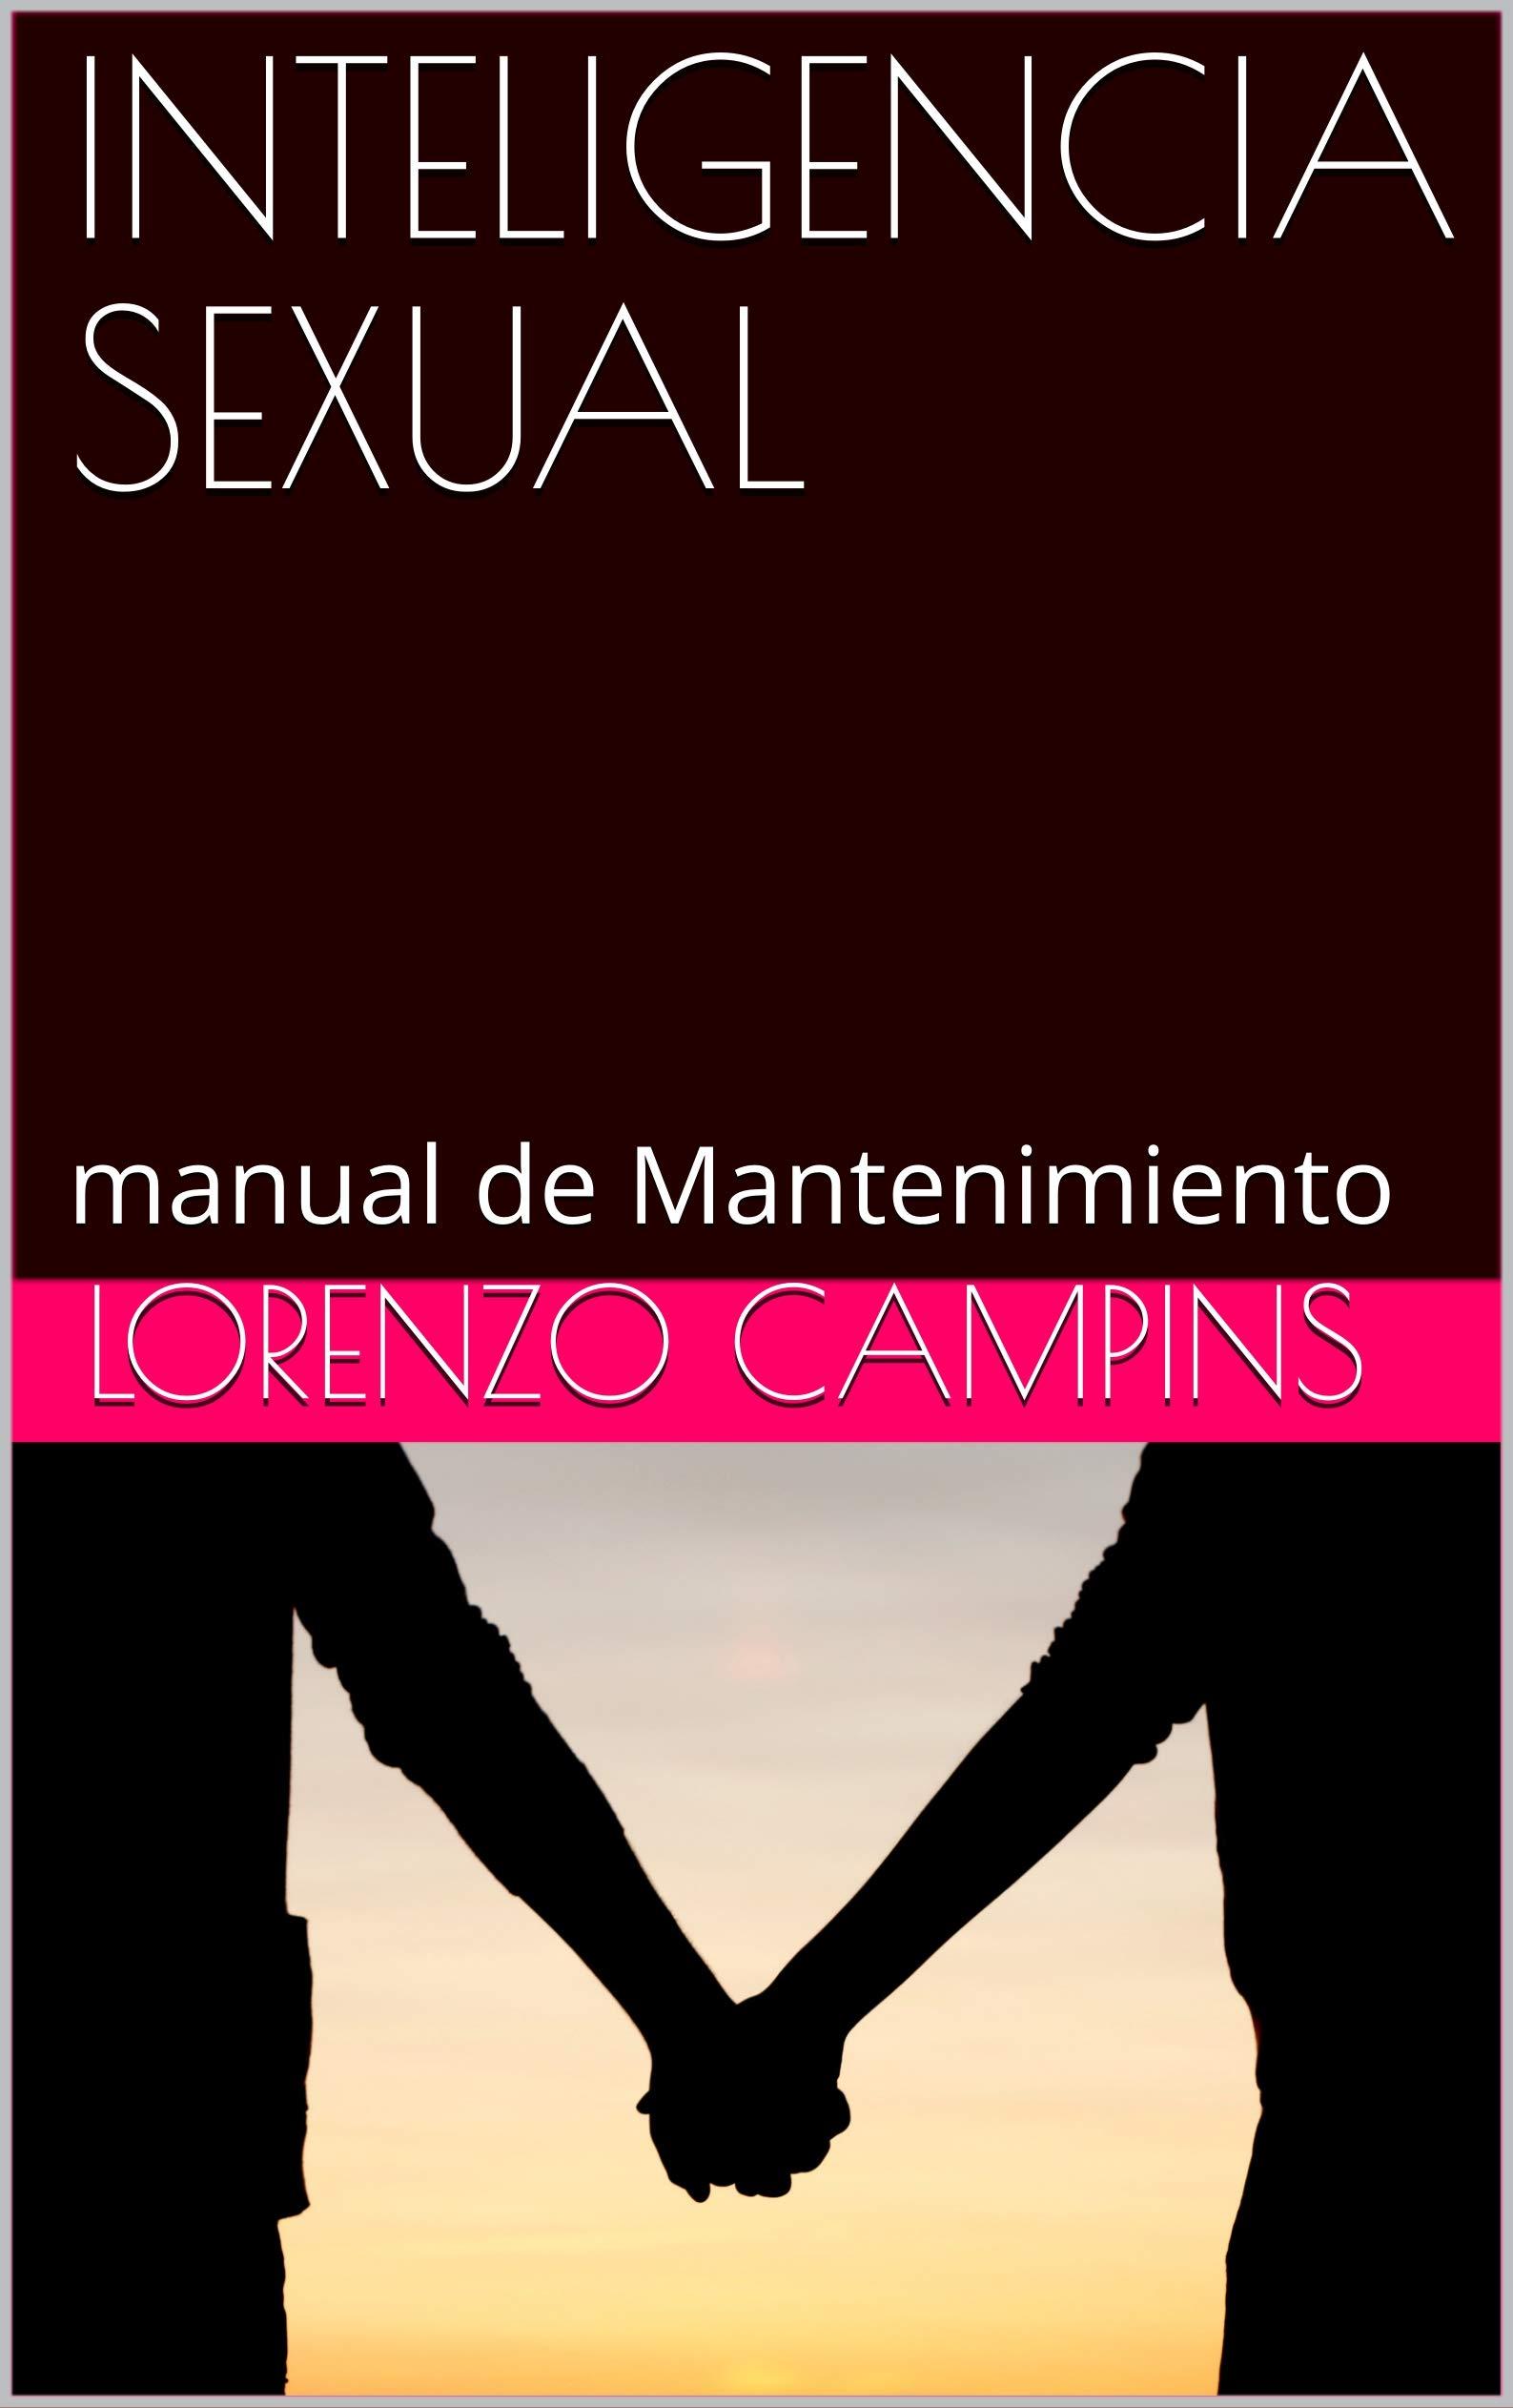 INTELIGENCIA SEXUAL: manual de Mantenimiento